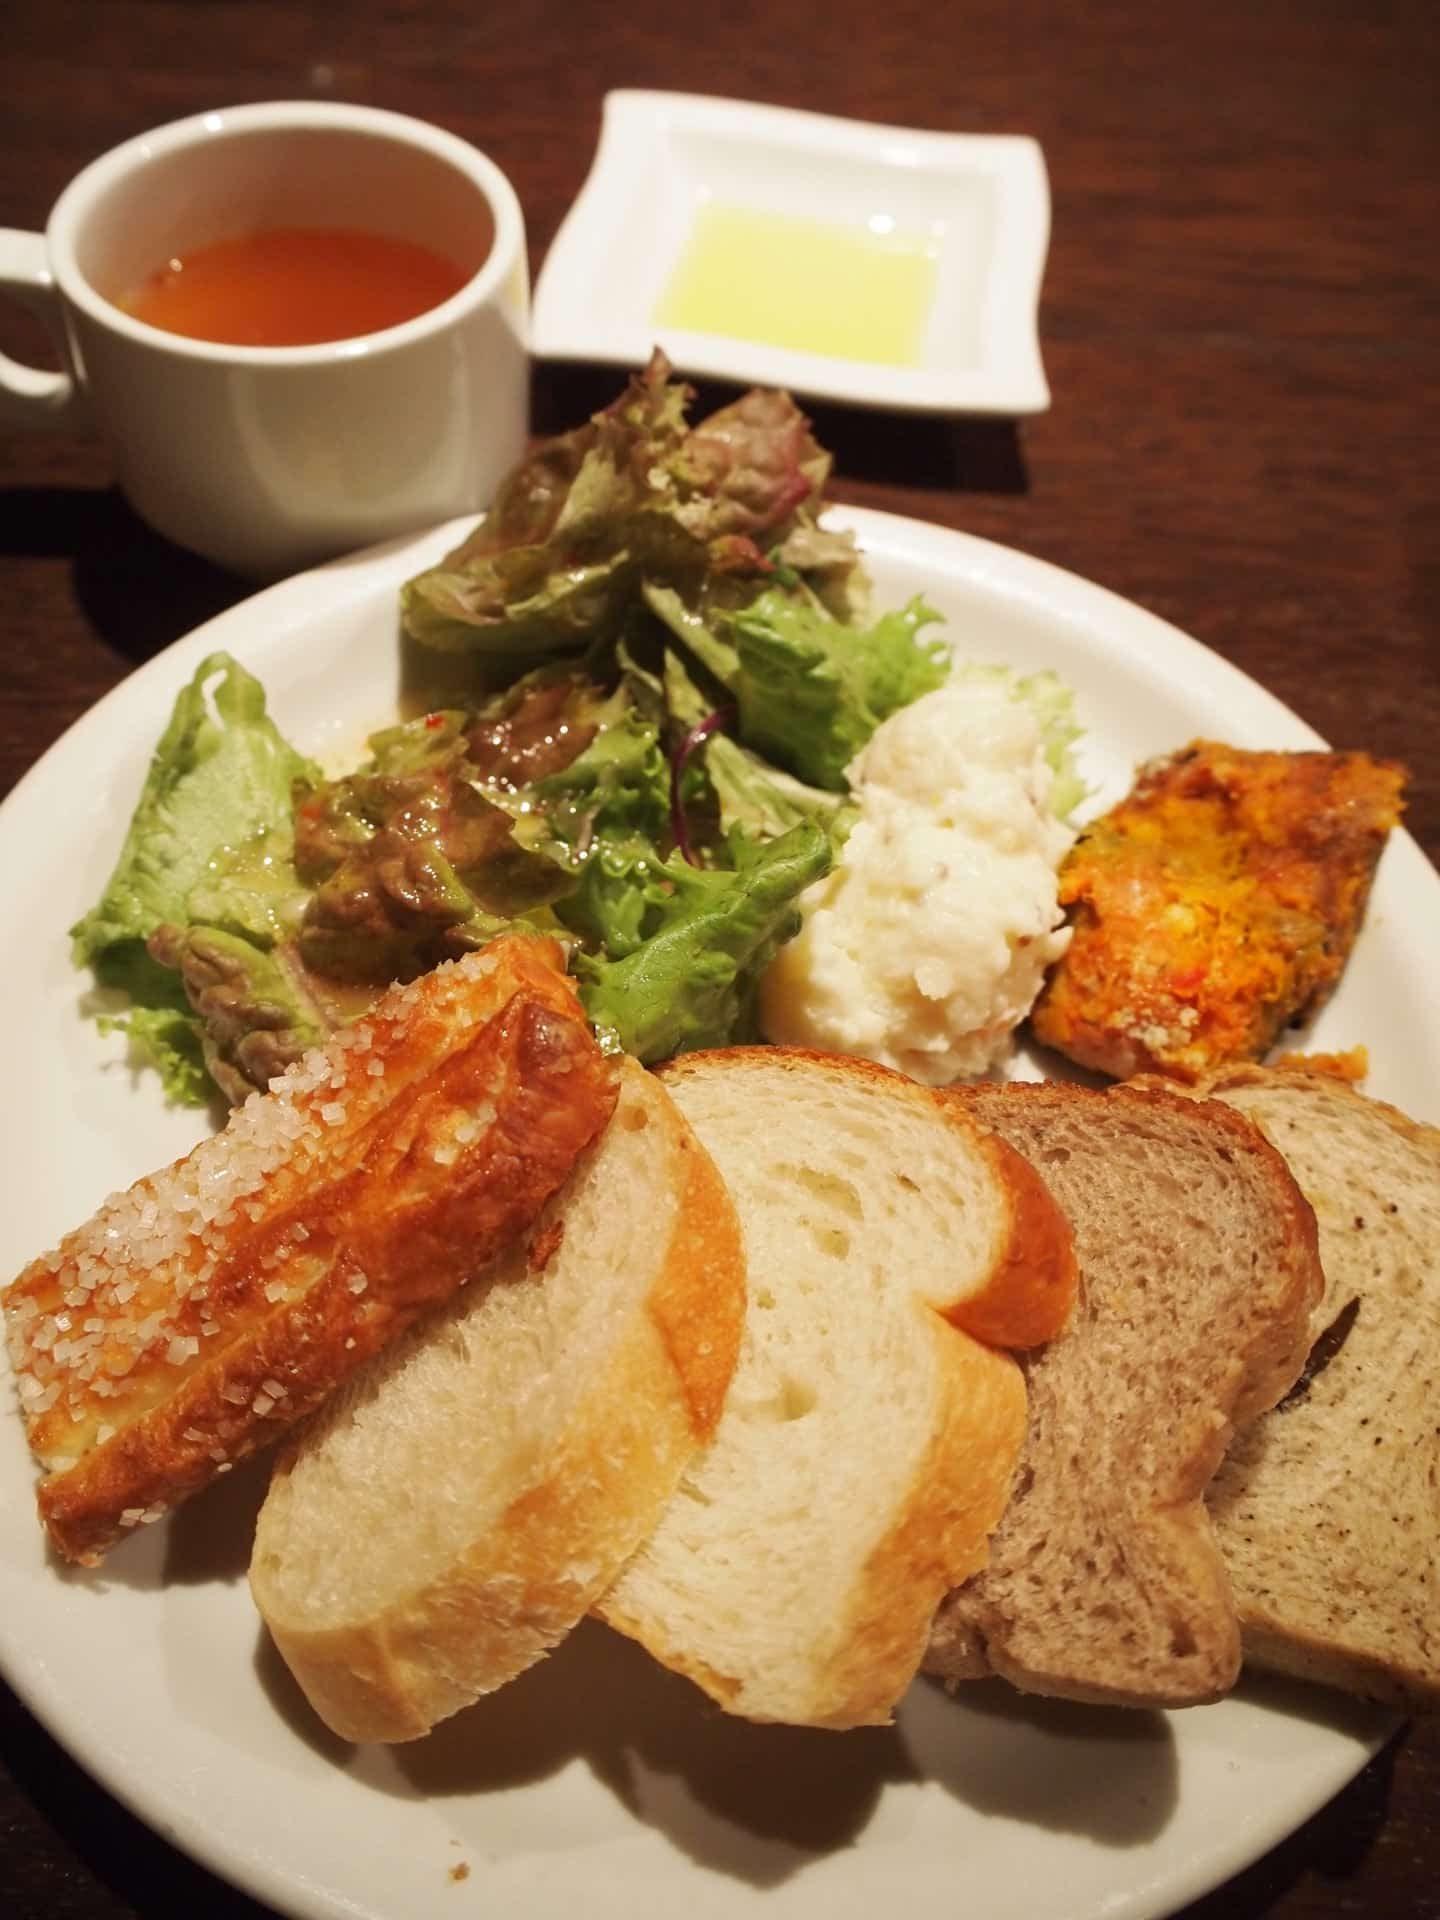 アルバータアルバータ パン食べ放題 神戸 三宮 ランチ バイキング ビュッフェ 食べ放題 おすすめ 人気